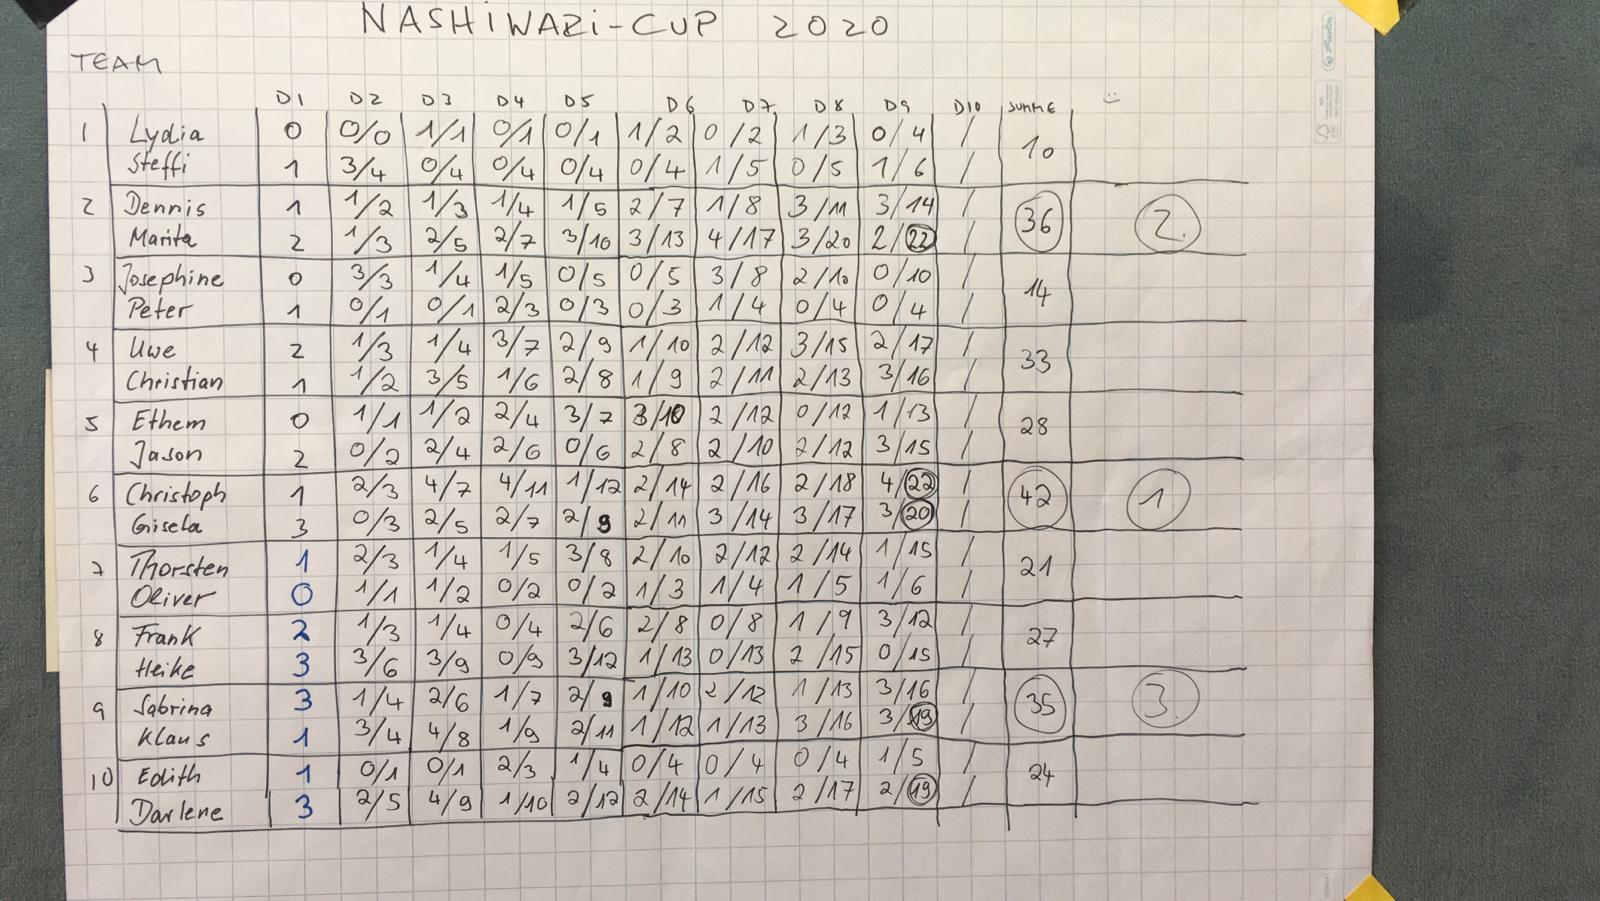 Auswertung-Nashiwari-Cup-2020